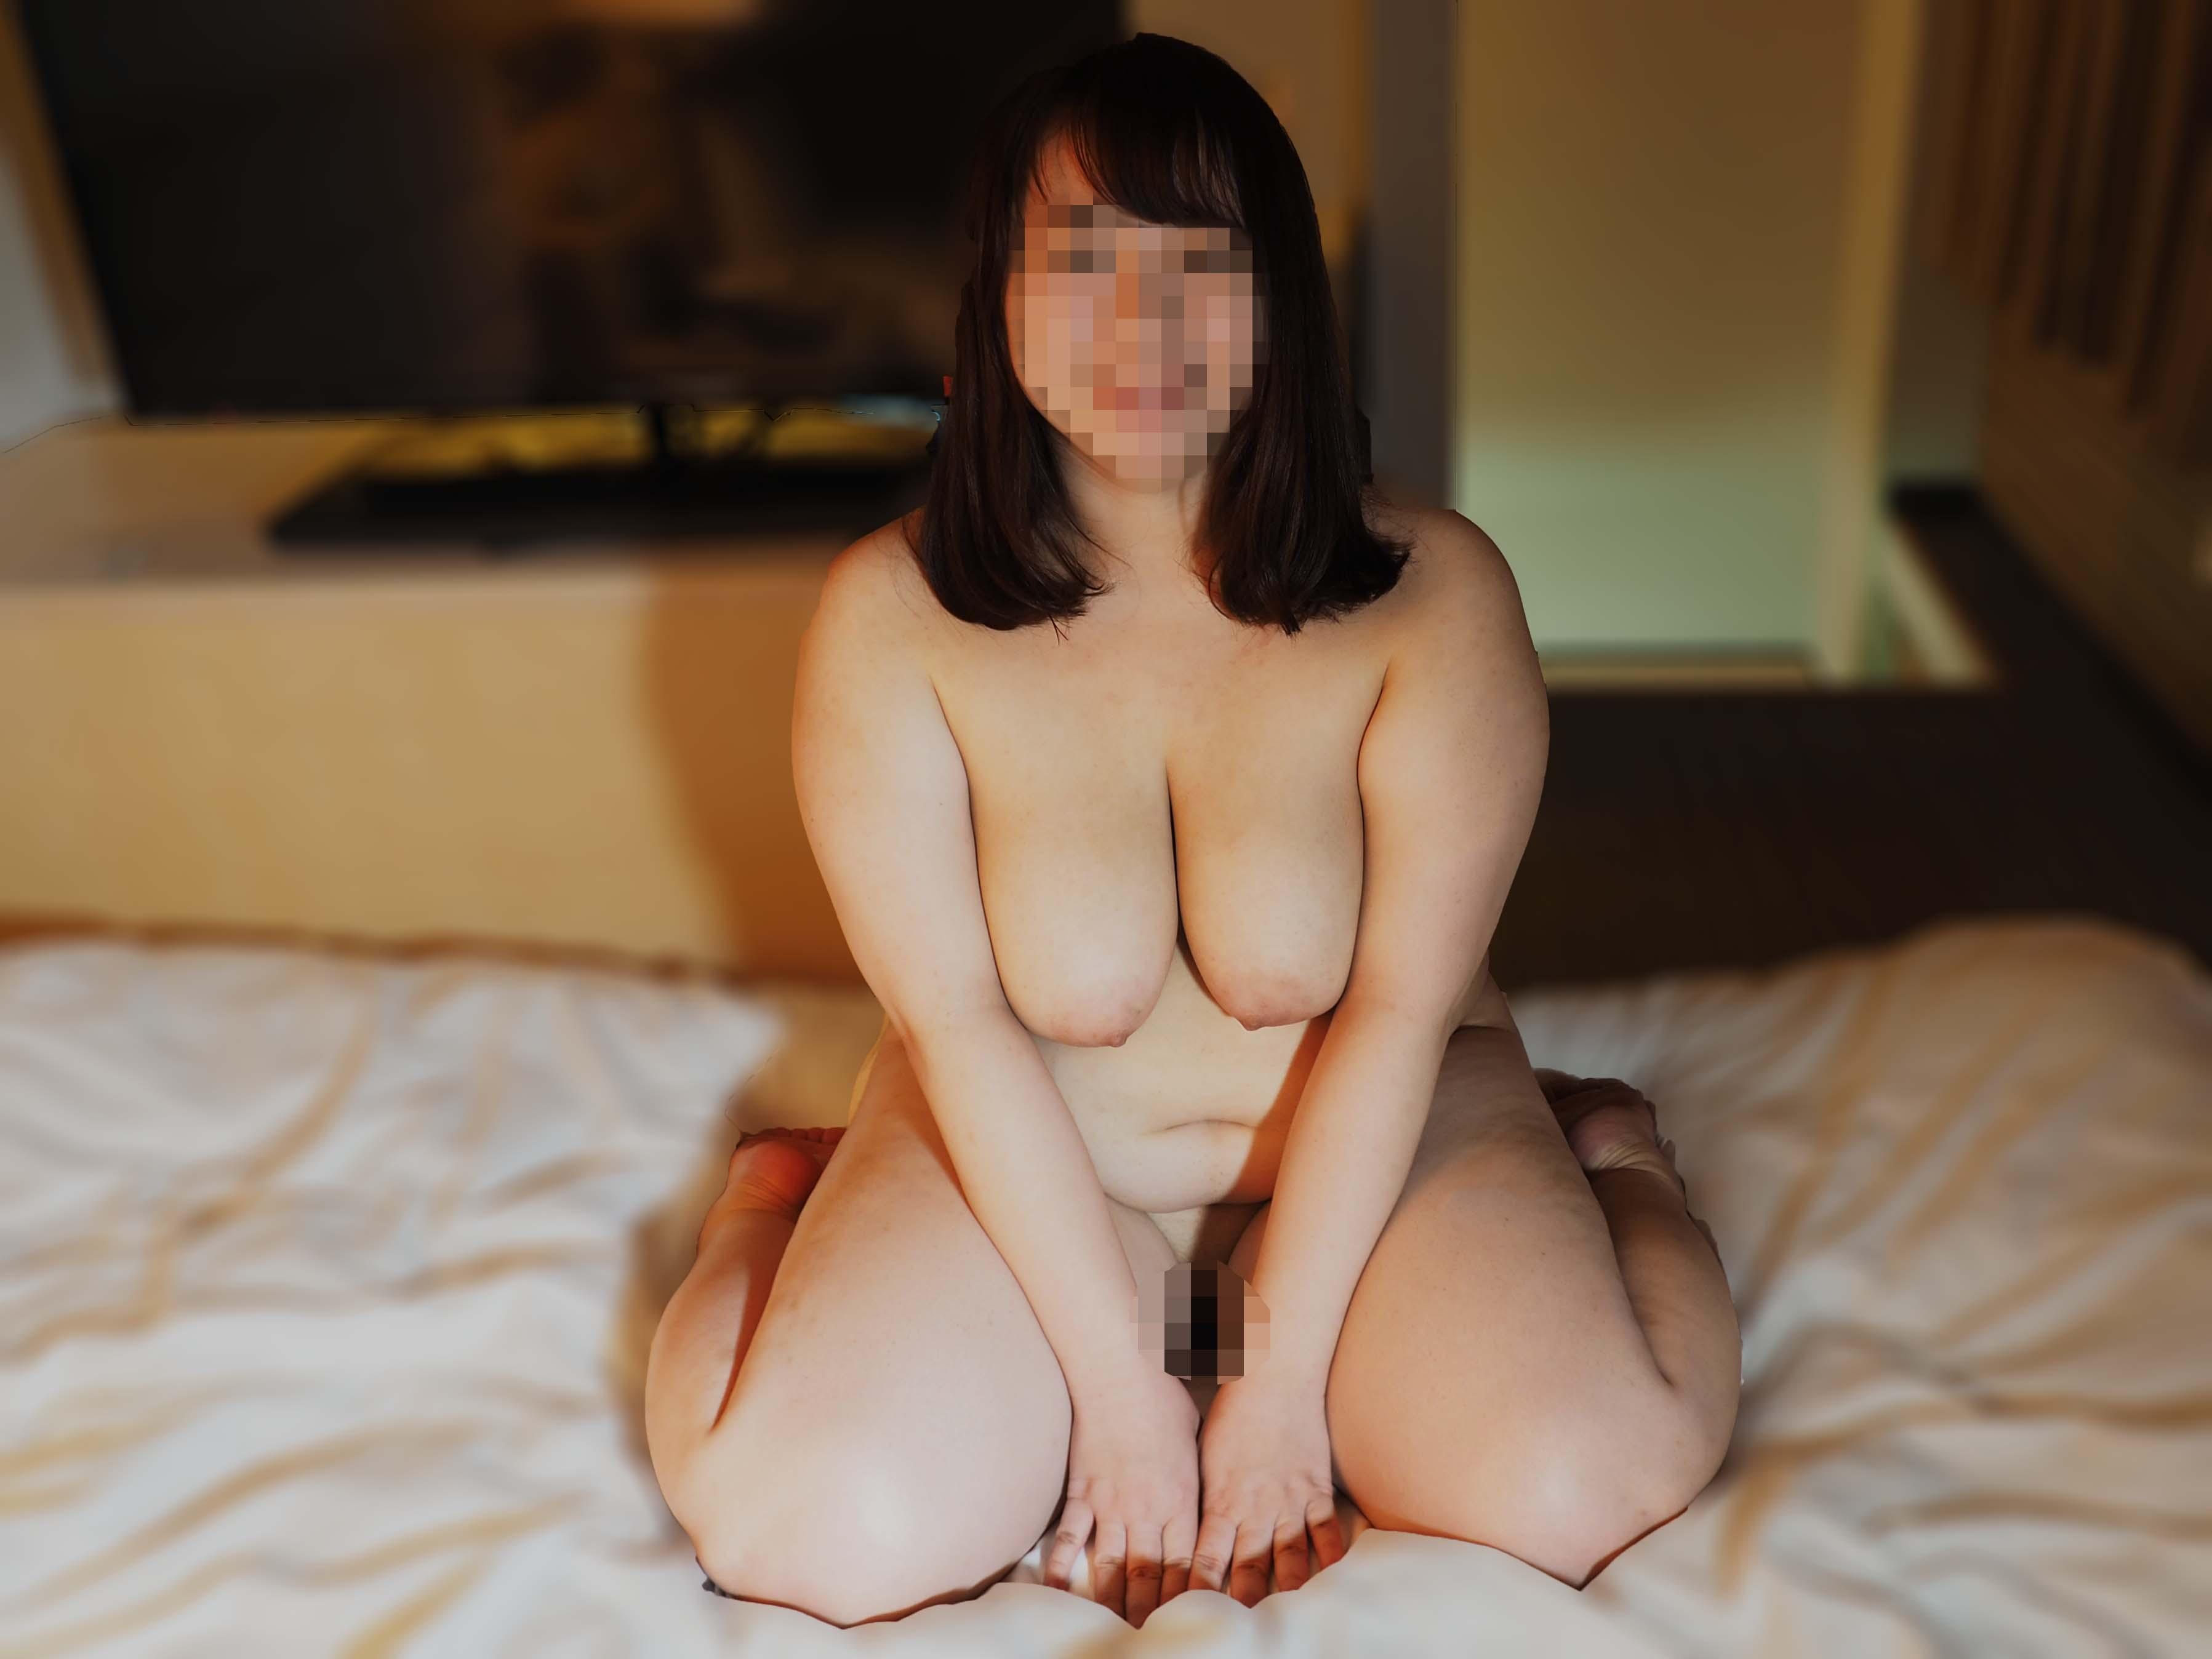 柳瀬早紀 似 の 巨乳 ちゃん